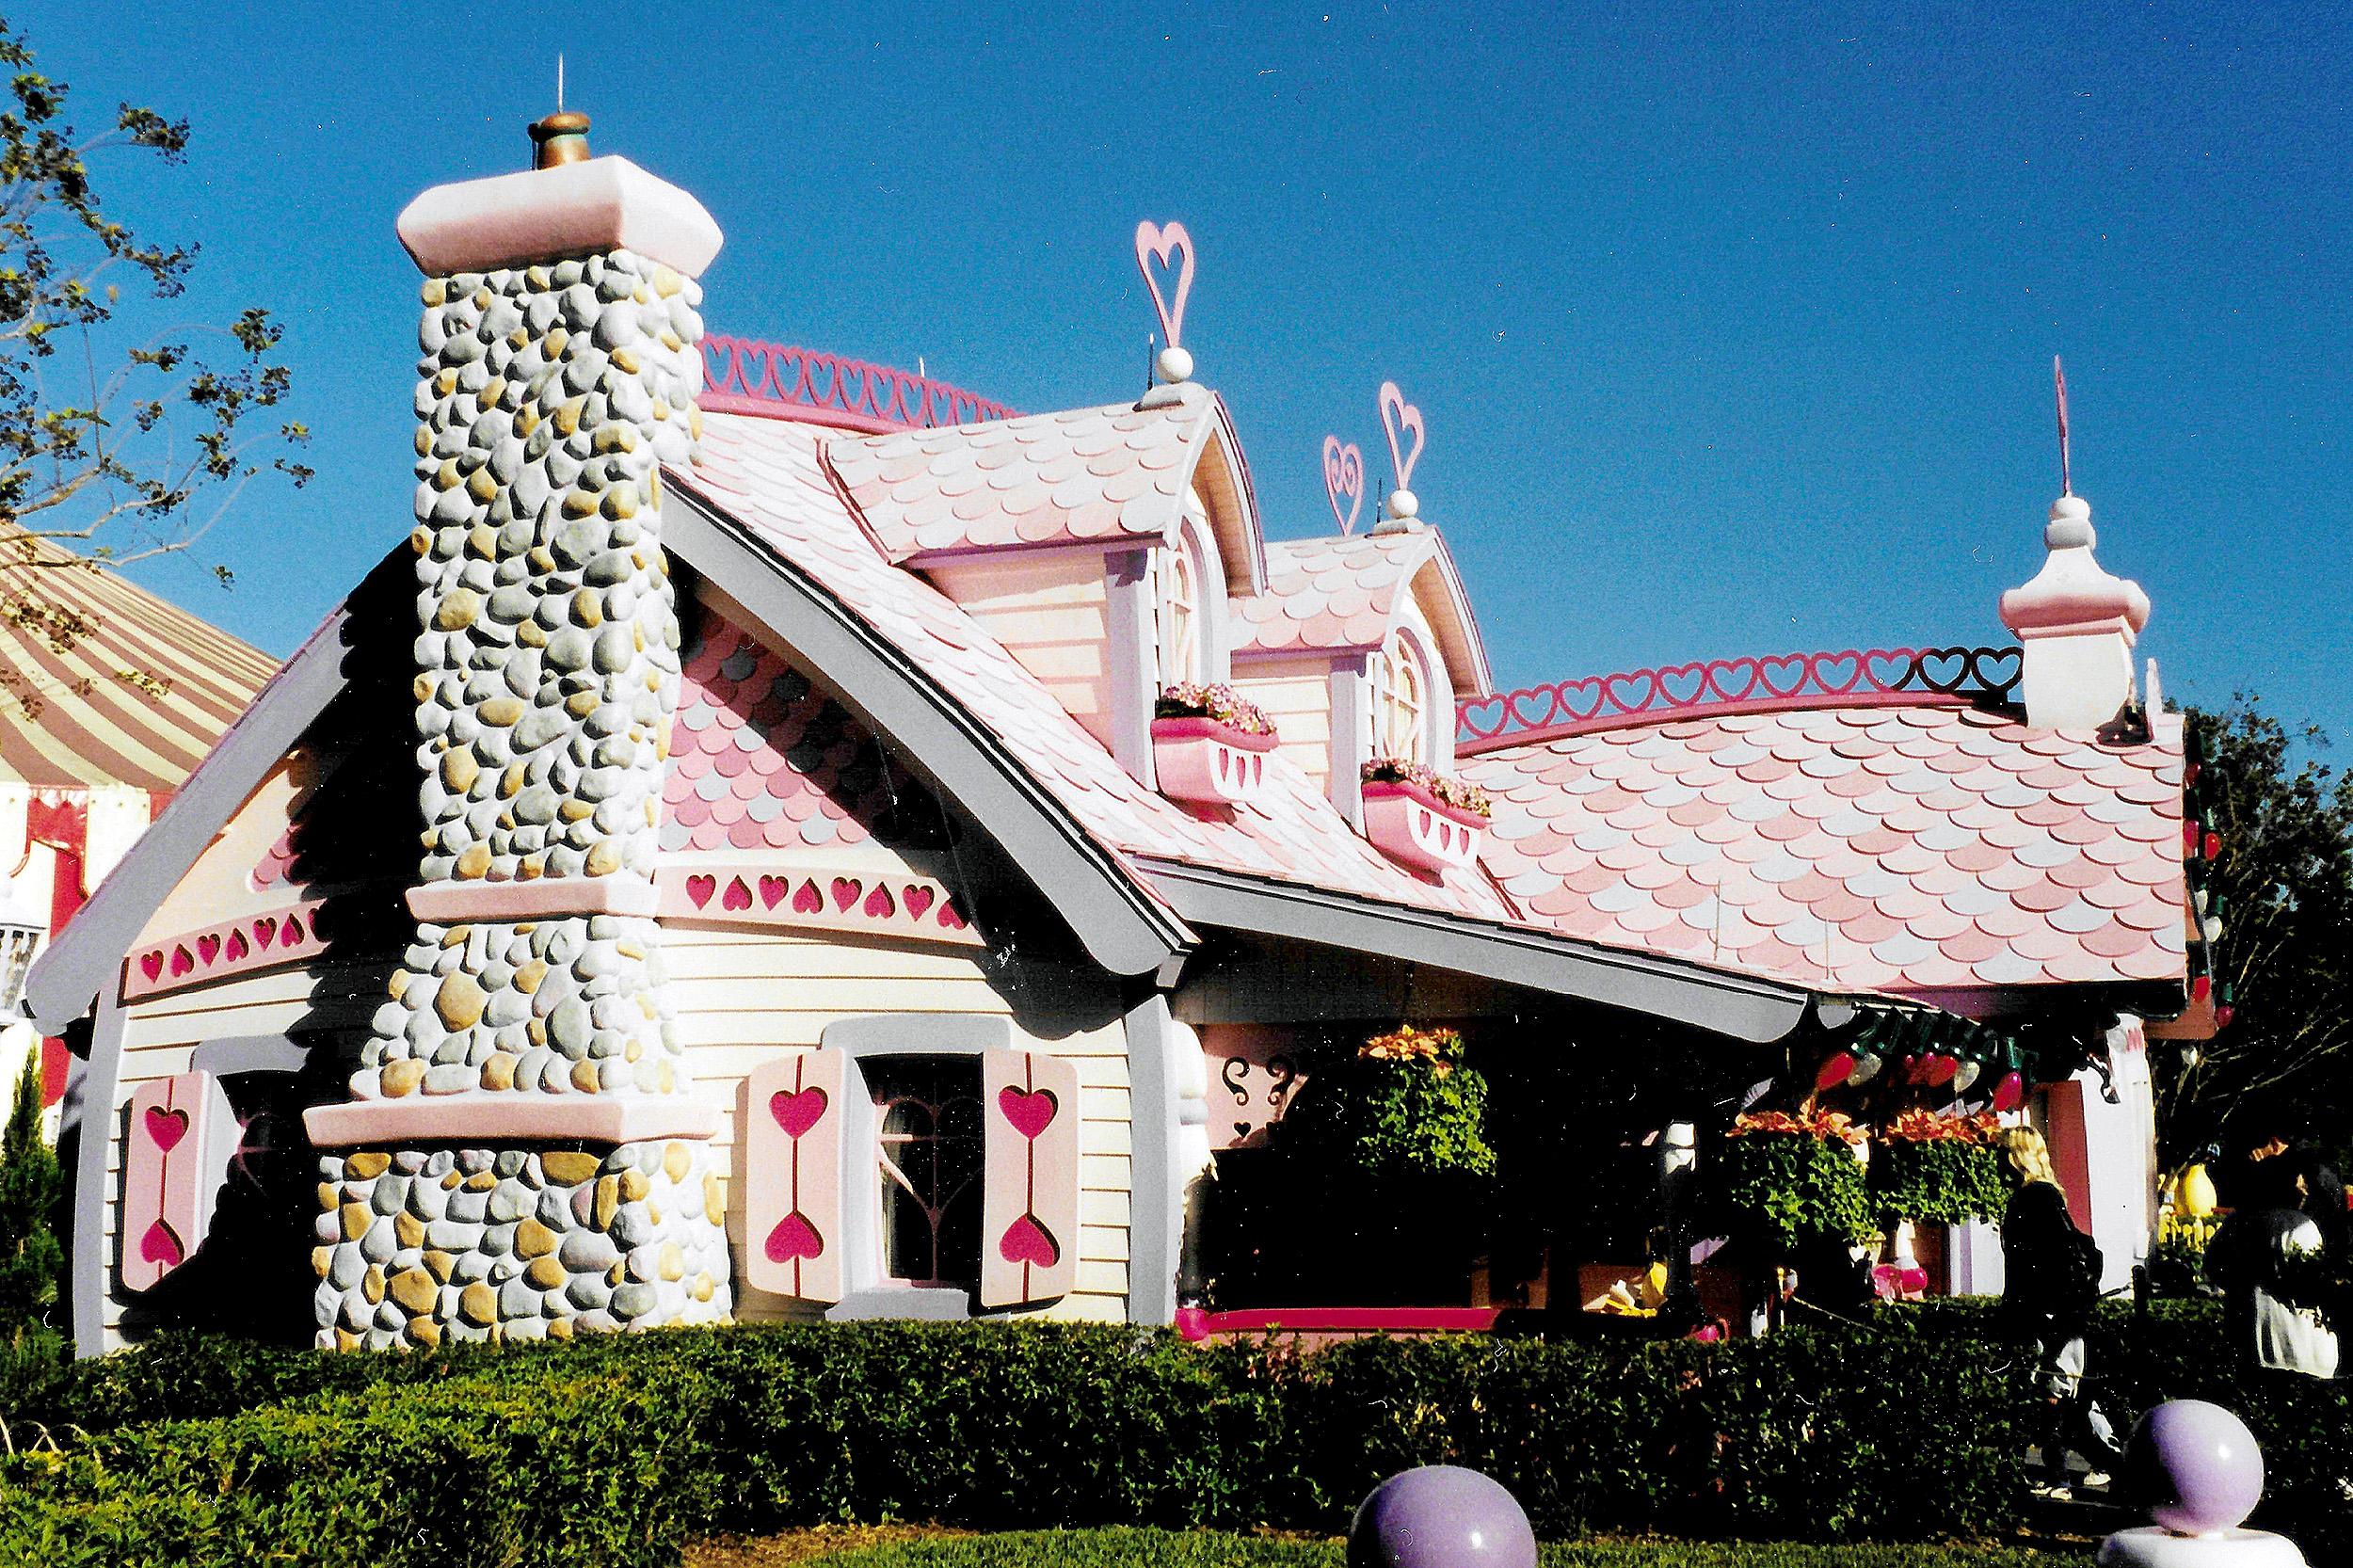 Mimmis hus toontown magic kingdom orlando nyårsafton